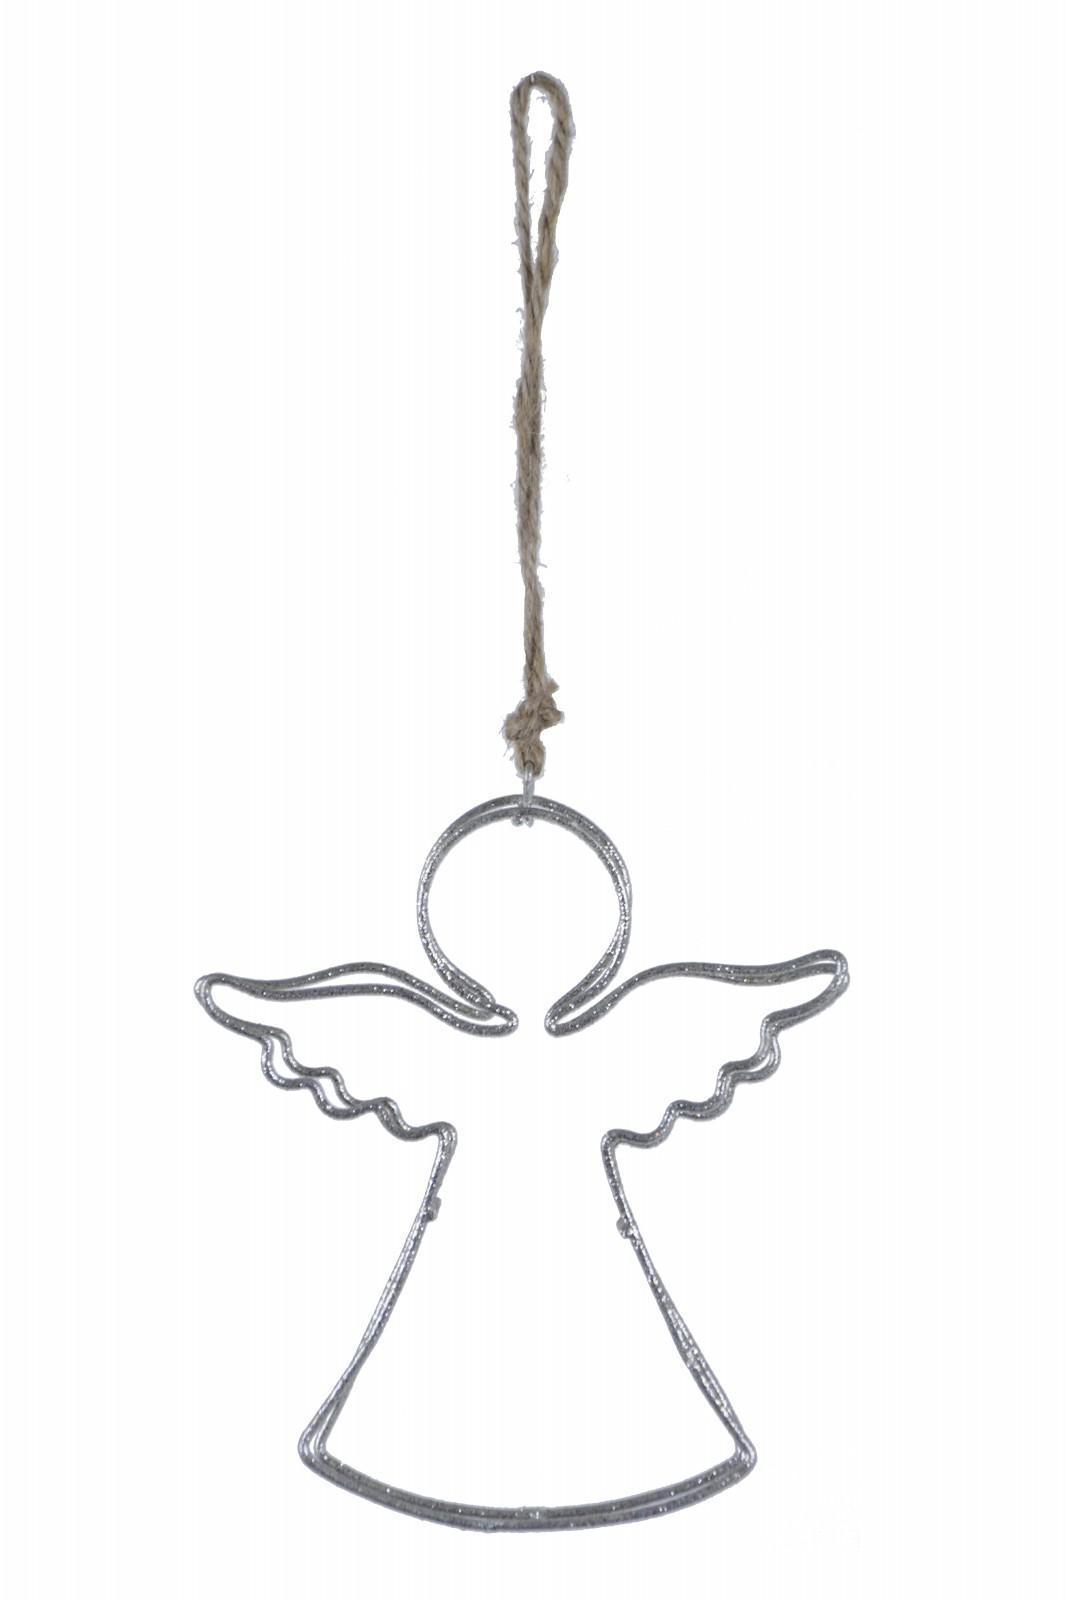 Drátěný anděl závěs